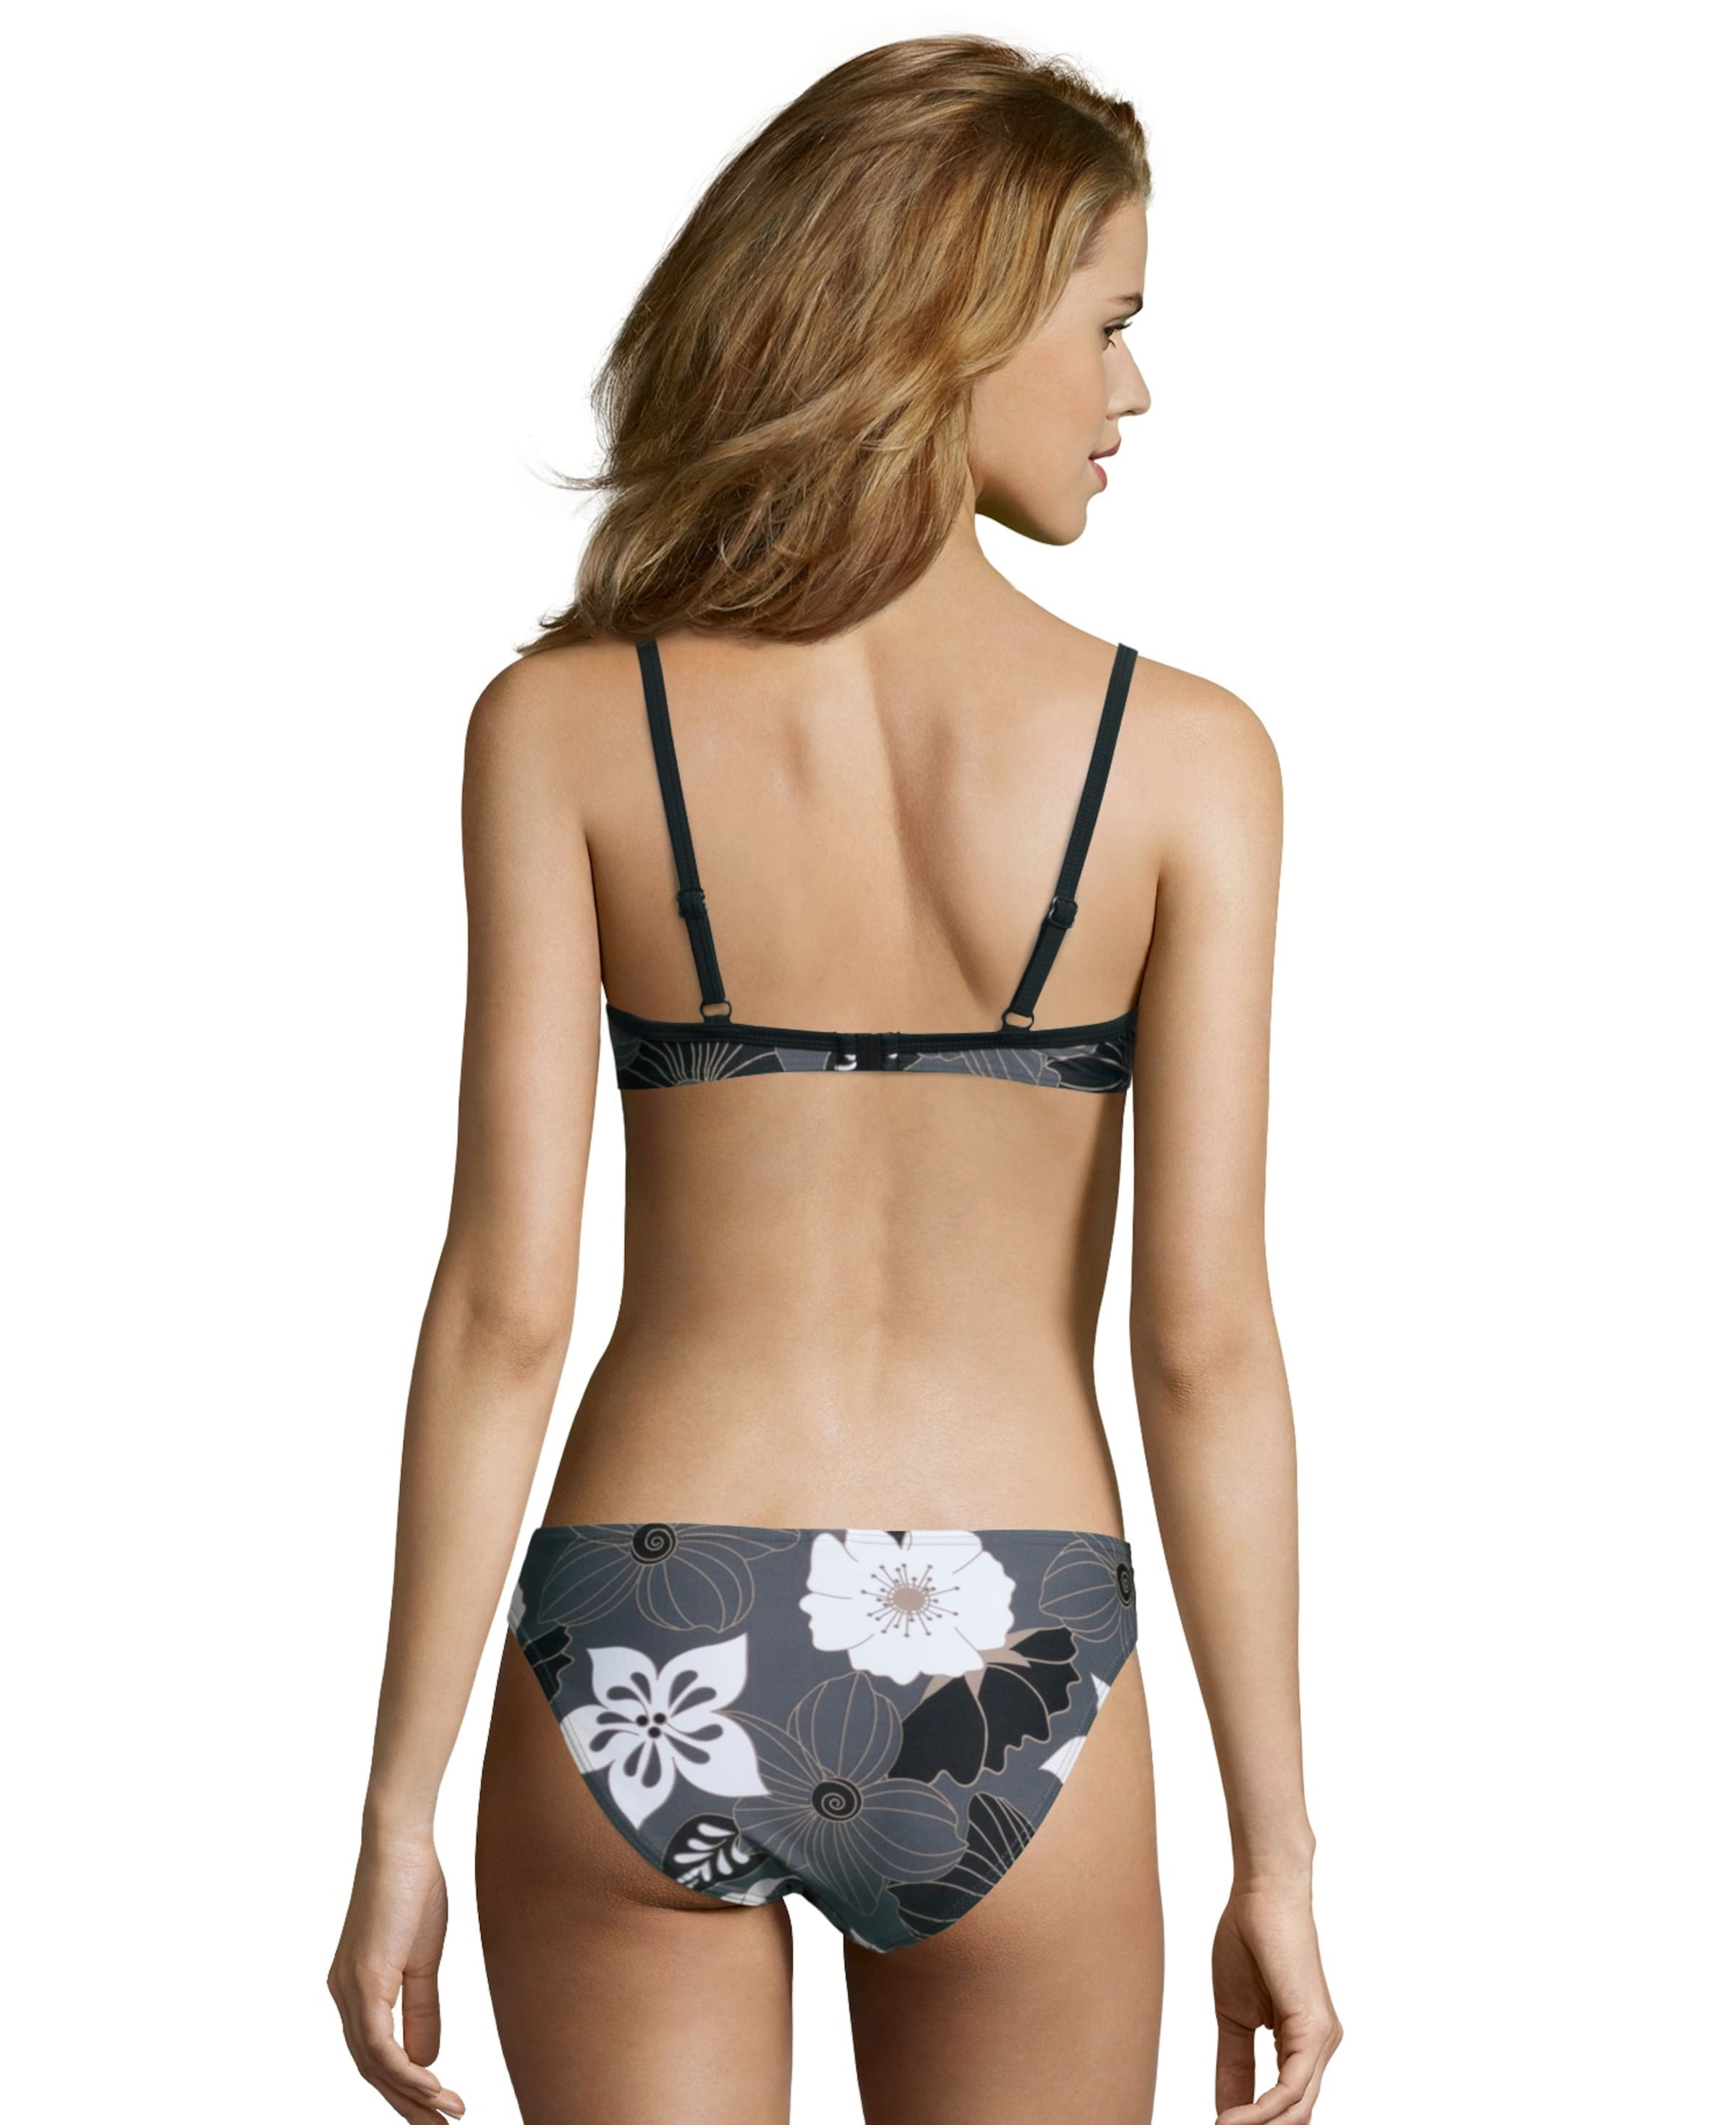 LASCANA Bügel-Bikini Freies Verschiffen Sehr Billig Günstig Kaufen Viele Arten Von BNMeeFU4H